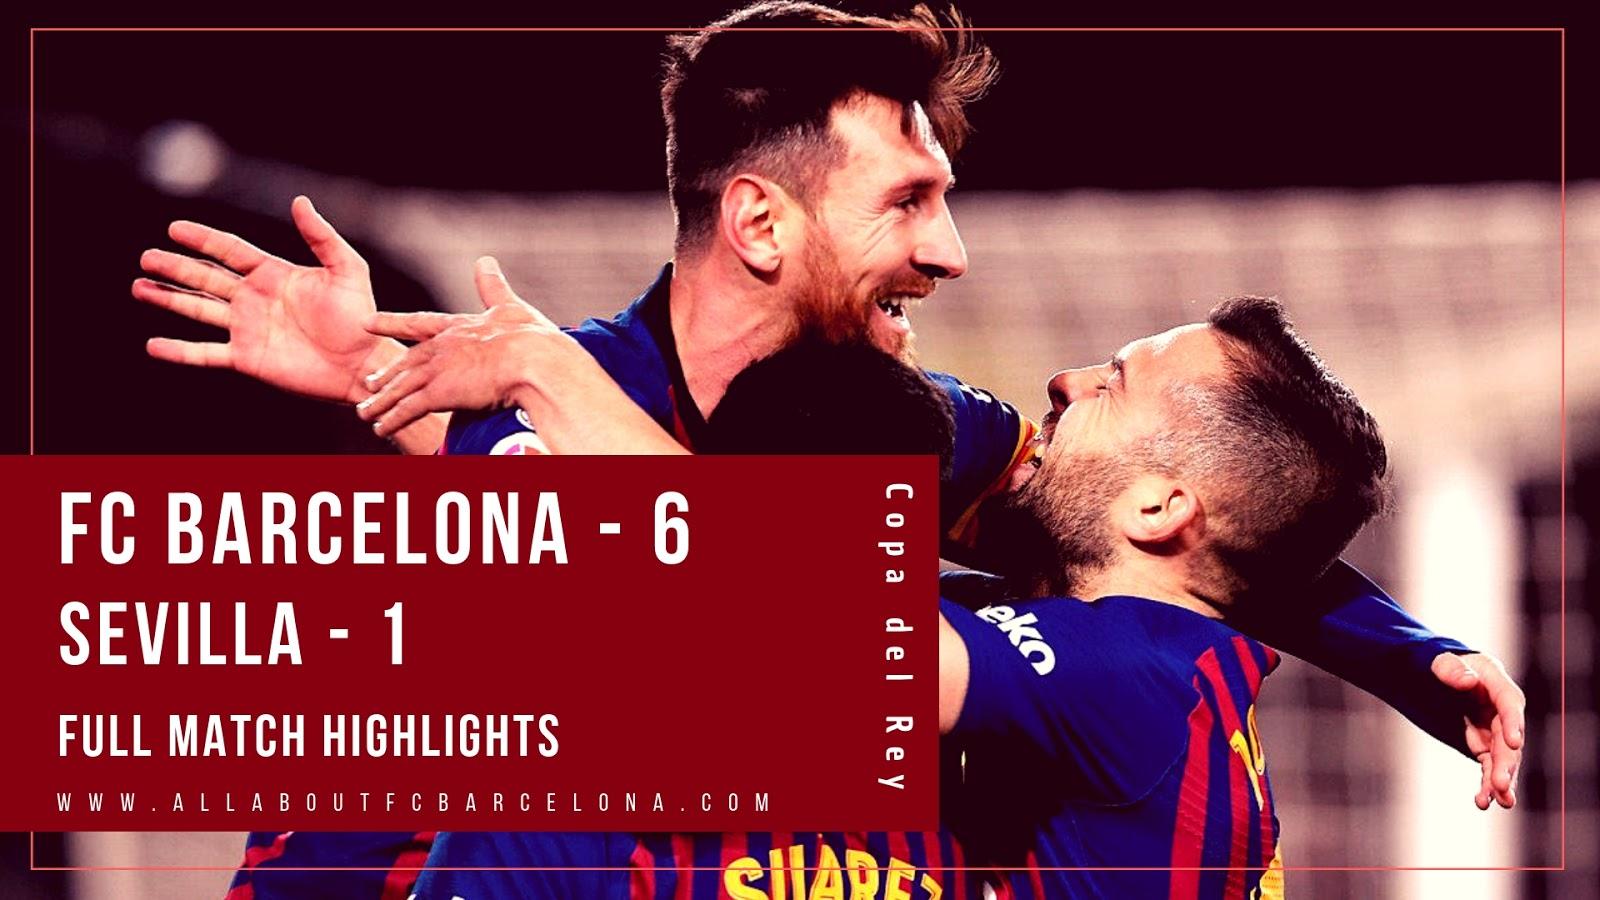 Fans go wild as Barcelona score outrageous tiki-taka goal against Sevilla